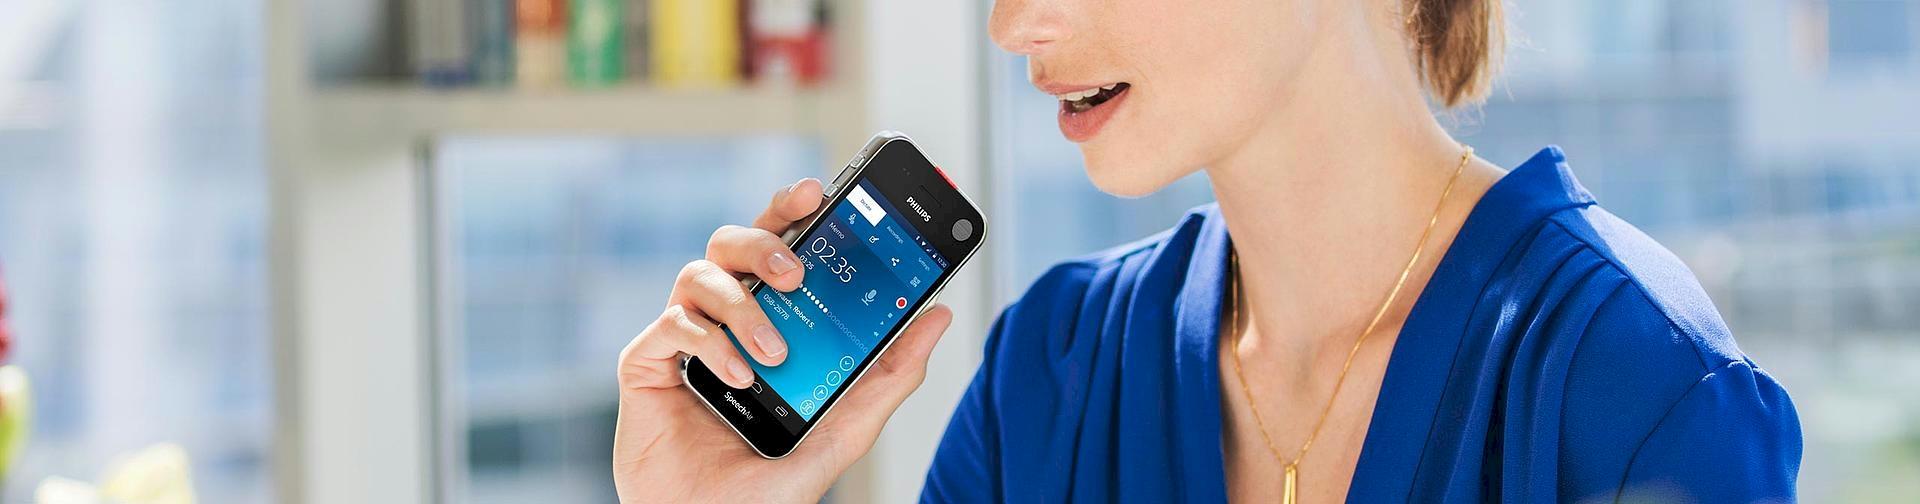 Philips-Speech-Air-Philips-digitaal-dicteren-apparaten-bij-Spraakherkenning